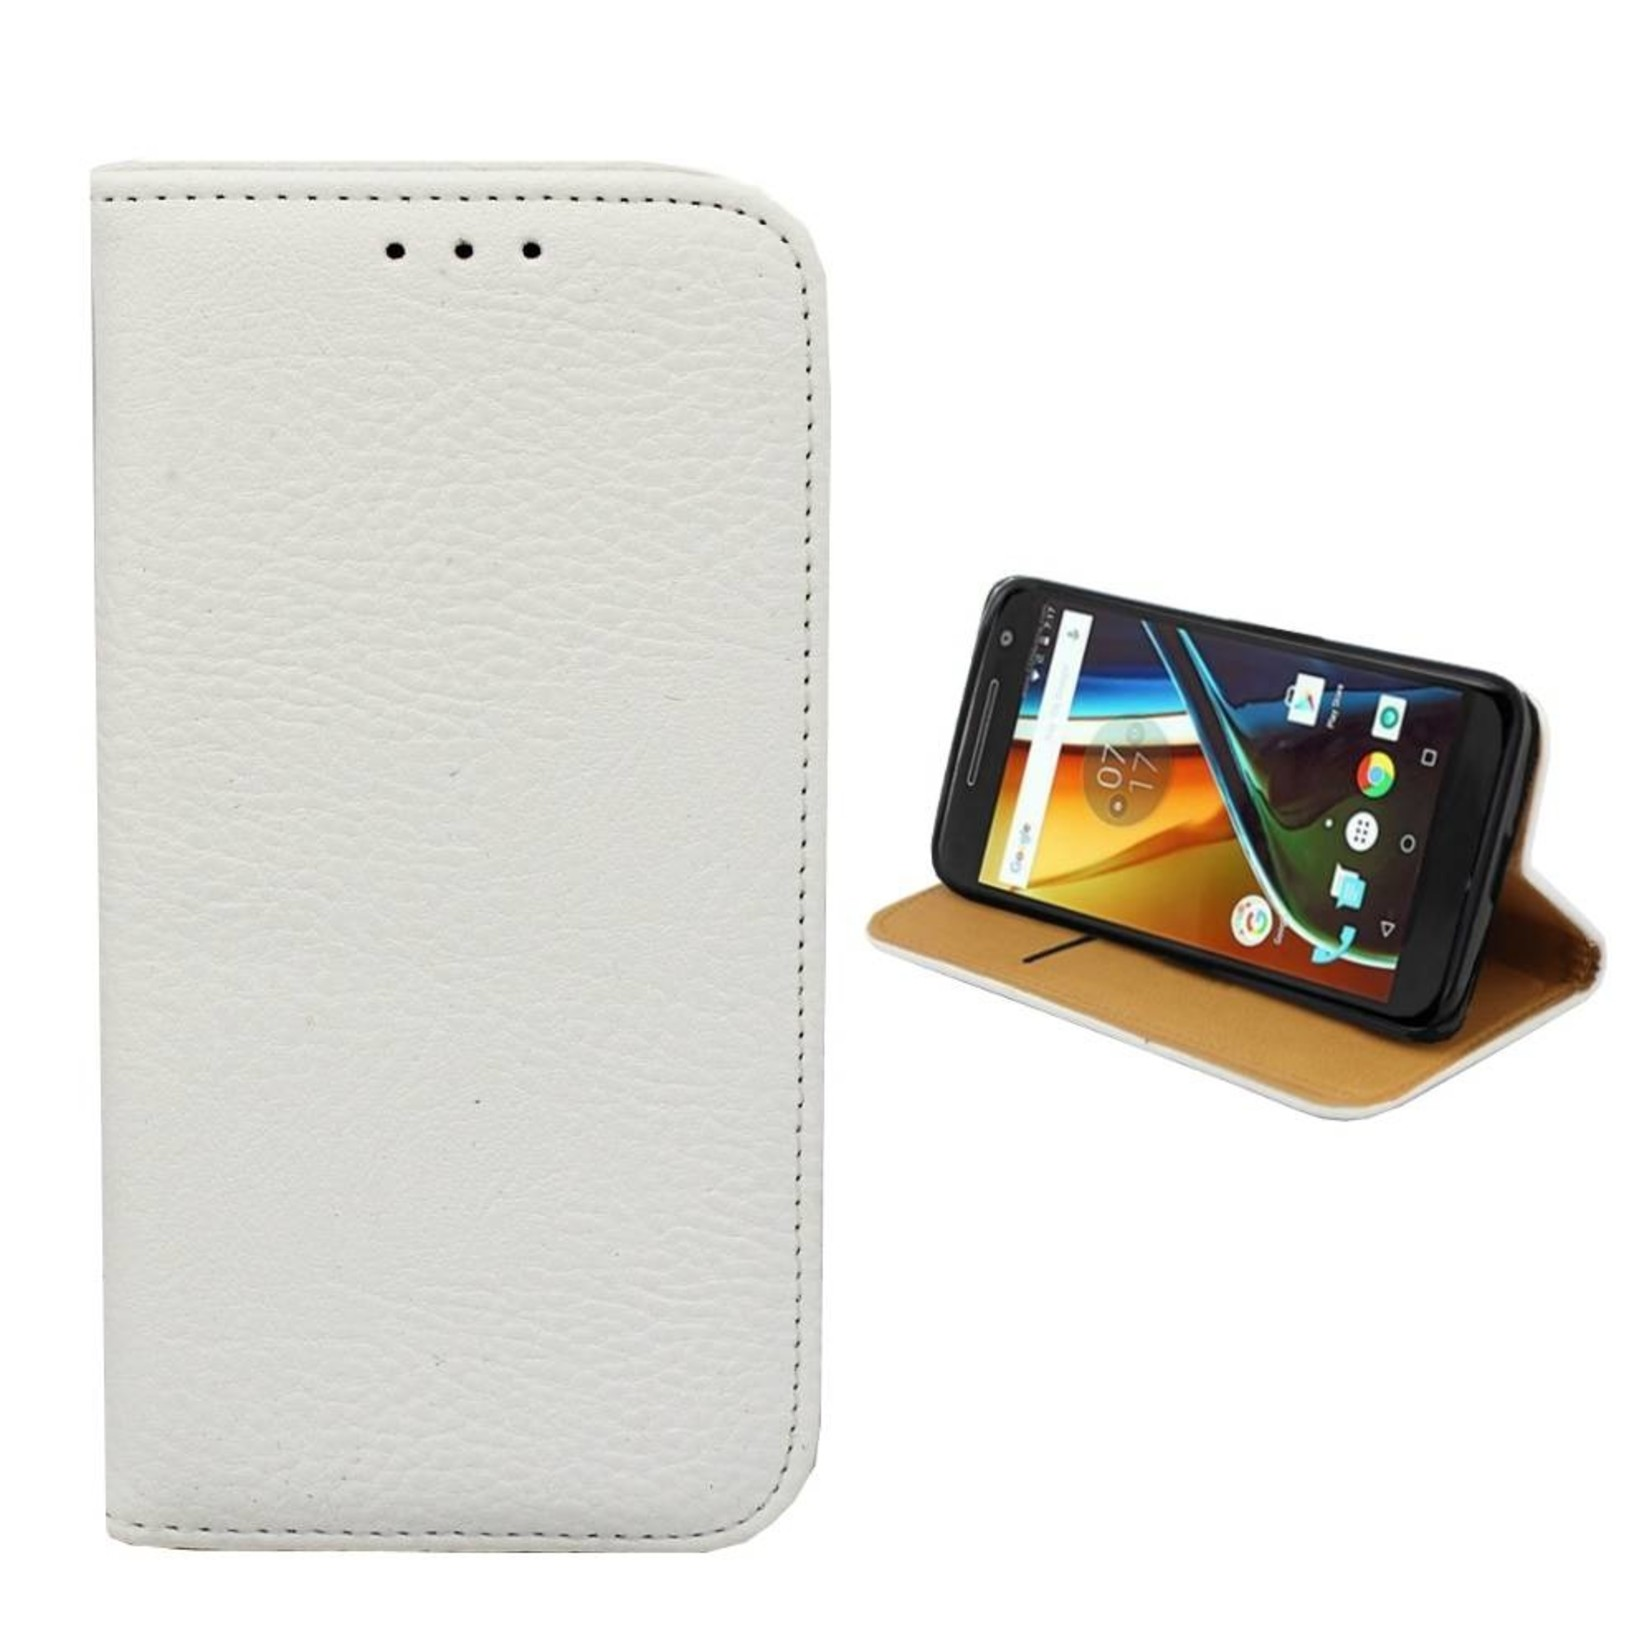 Colorfone Hoesje Book voor Motorola Moto G4/Plus Wit